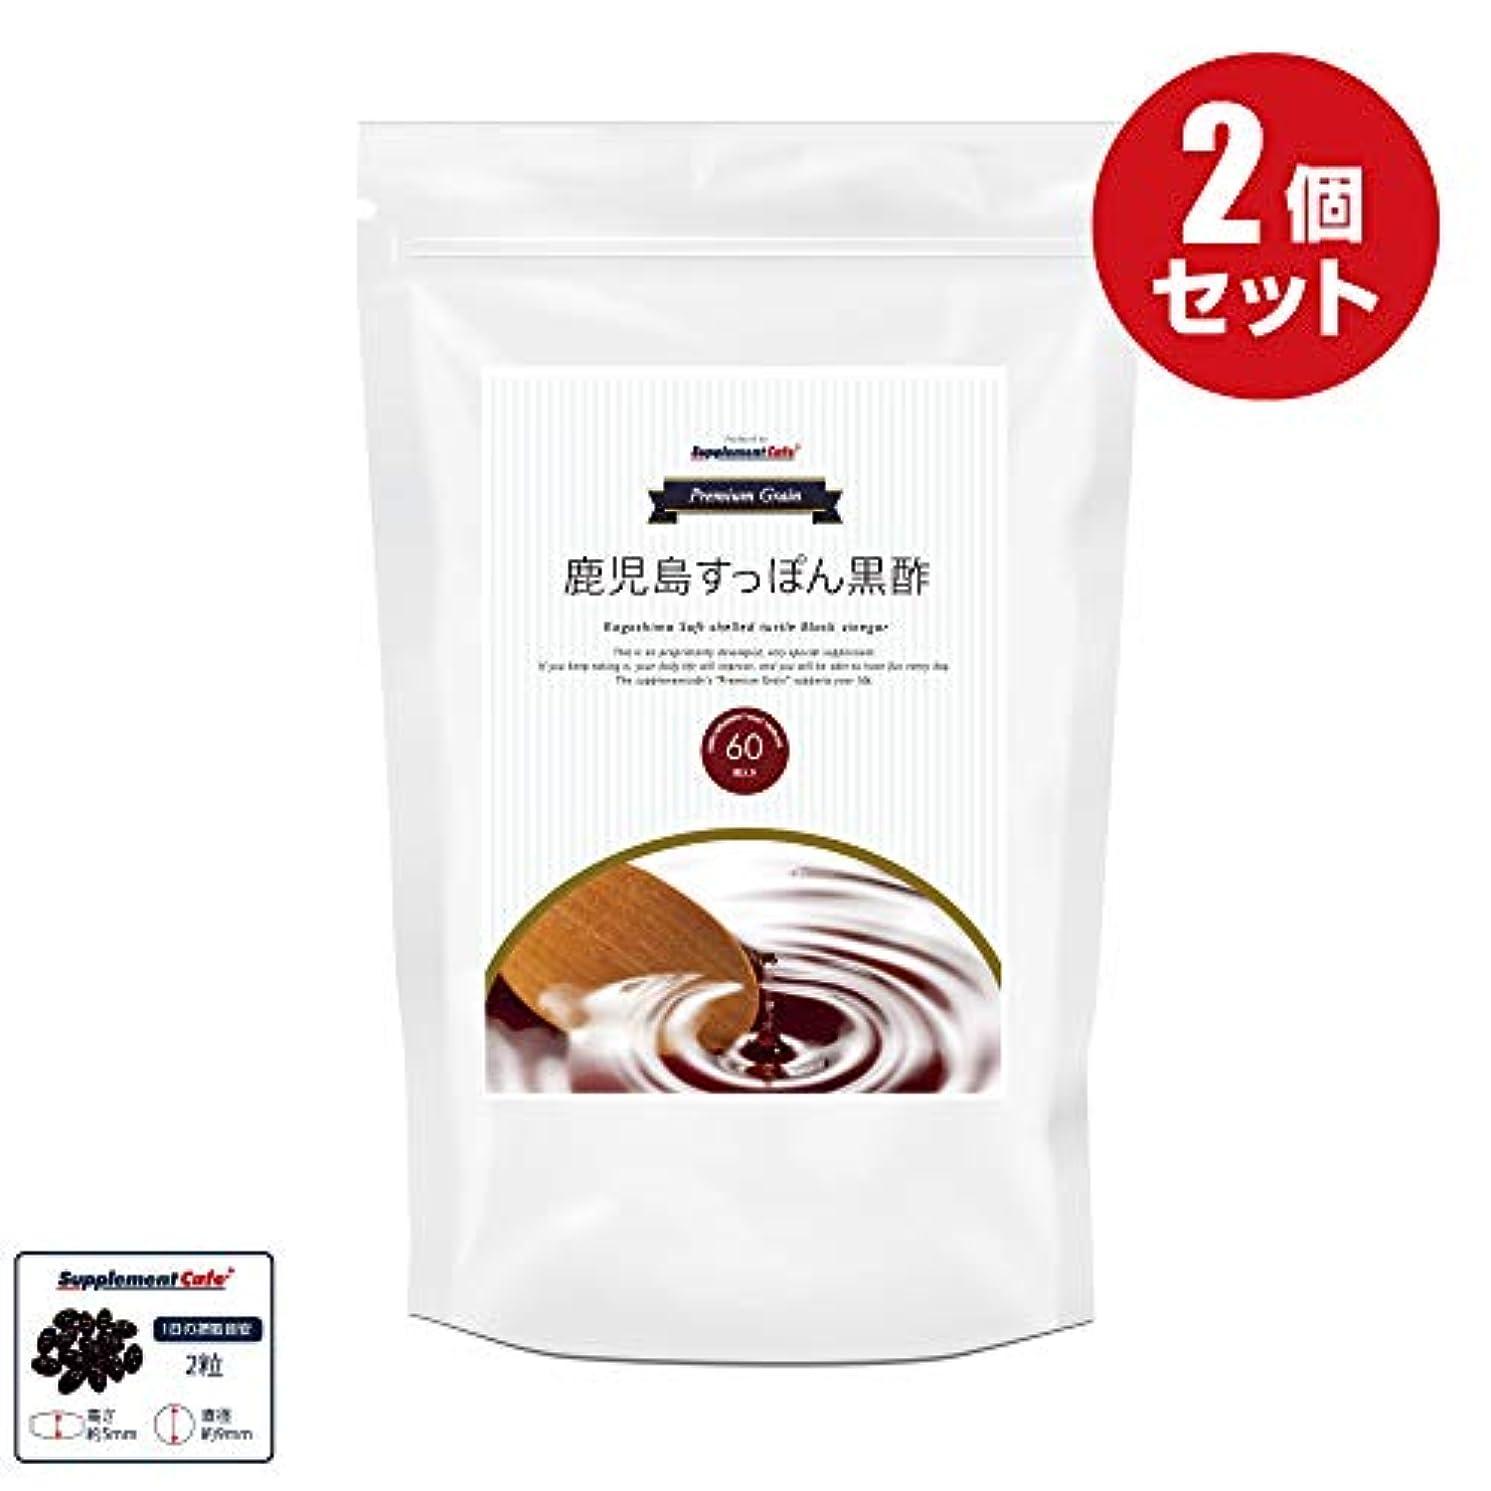 中で告白ヘクタール【2袋セット】Premium Grain 鹿児島すっぽん黒酢/すっぽん黒酢/福山産  約60日分